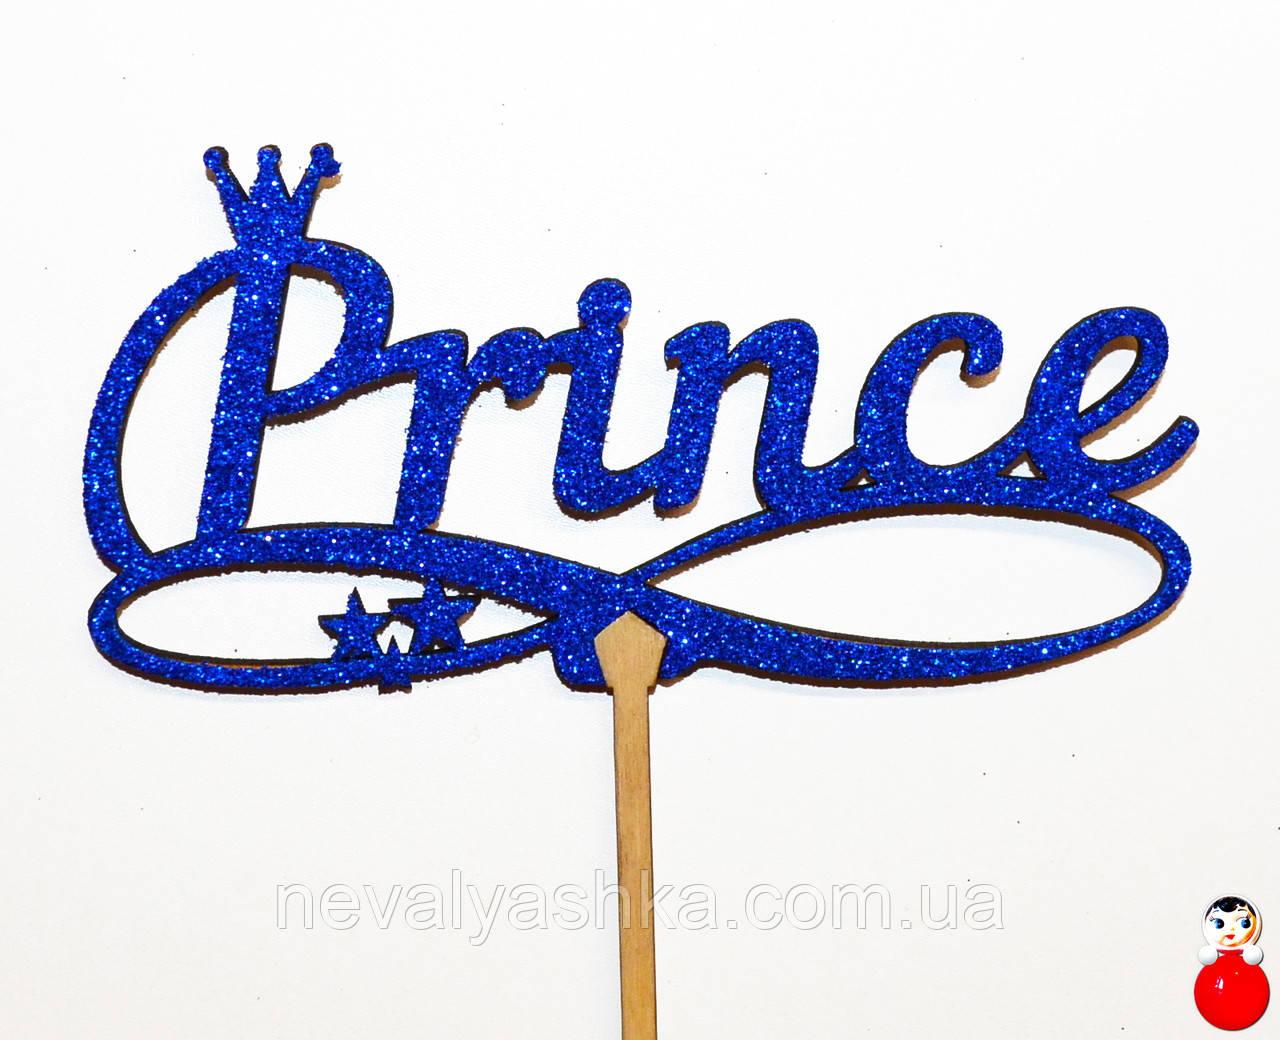 ТОППЕР ДЕРЕВЯННЫЙ PRINCE Принцу с Глиттером Блестящий СИНИЙ Топперы для Торта Топер дерев'яний